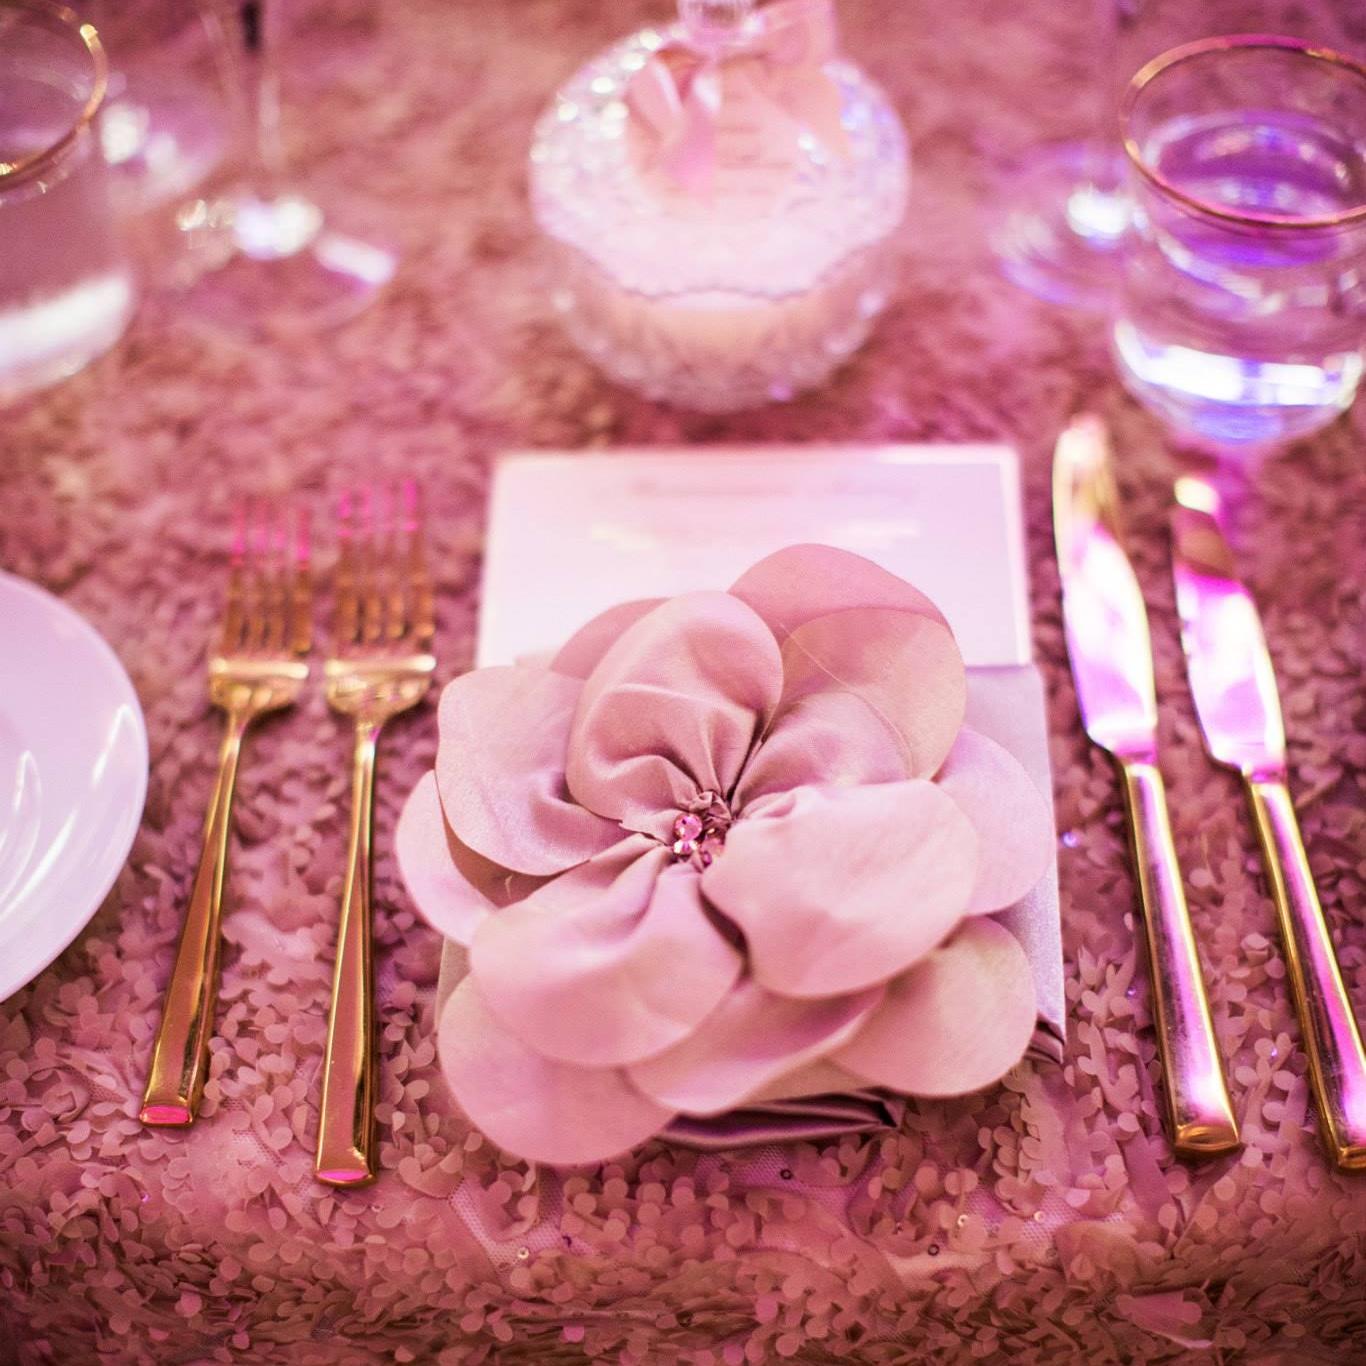 preston_bailey_floriette_napkin_band_luxury_linens.jpg